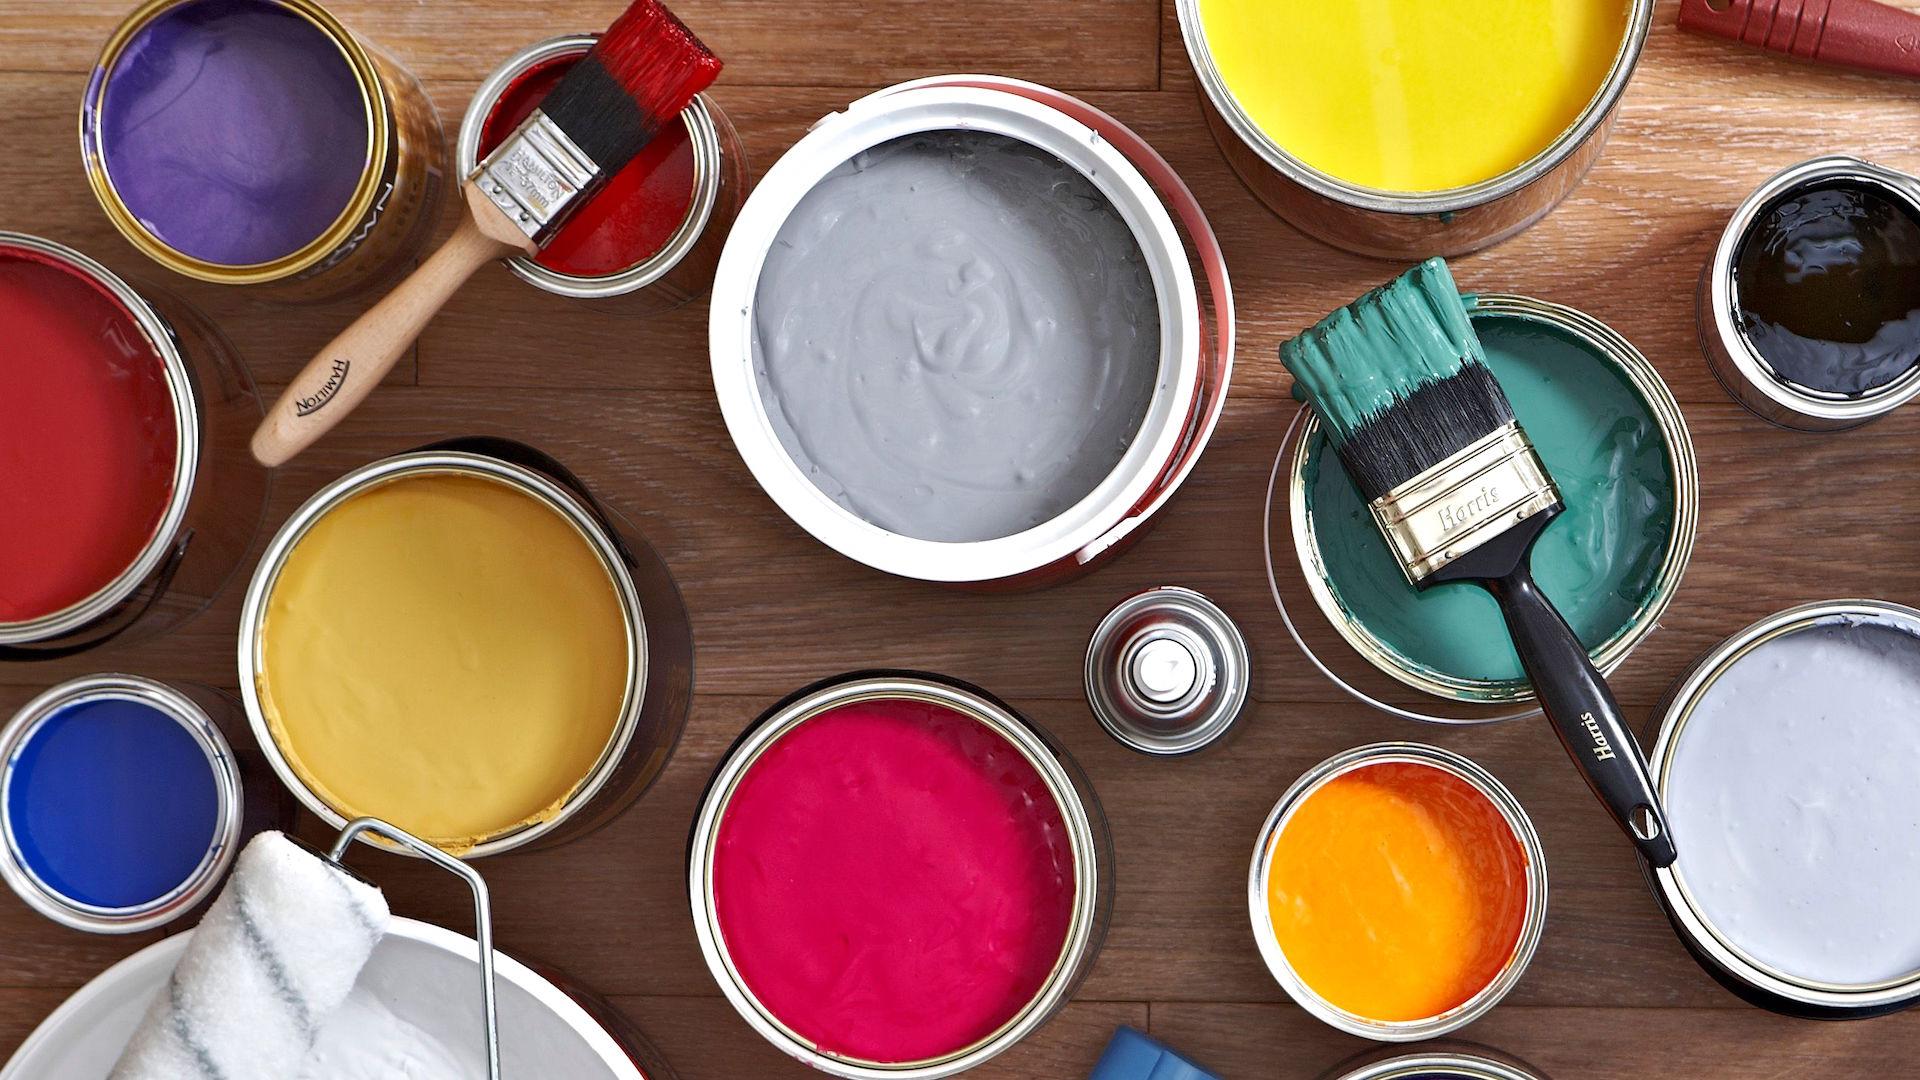 Cu Nto Cuesta Pintar Un Departamento A Nuevo En Rosario  ~ Cuanto Cuesta Pintar Una Habitacion